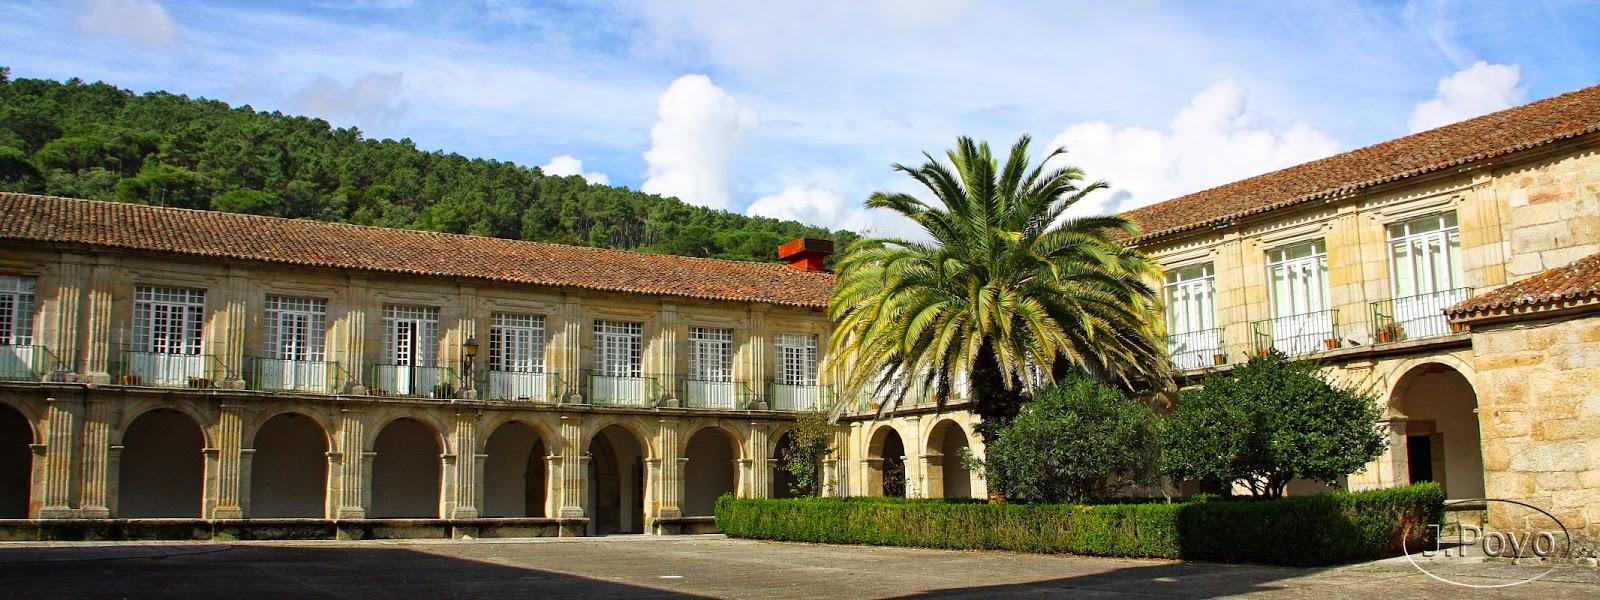 Ribadavia, Iglesia y el convento de Santo Domingo